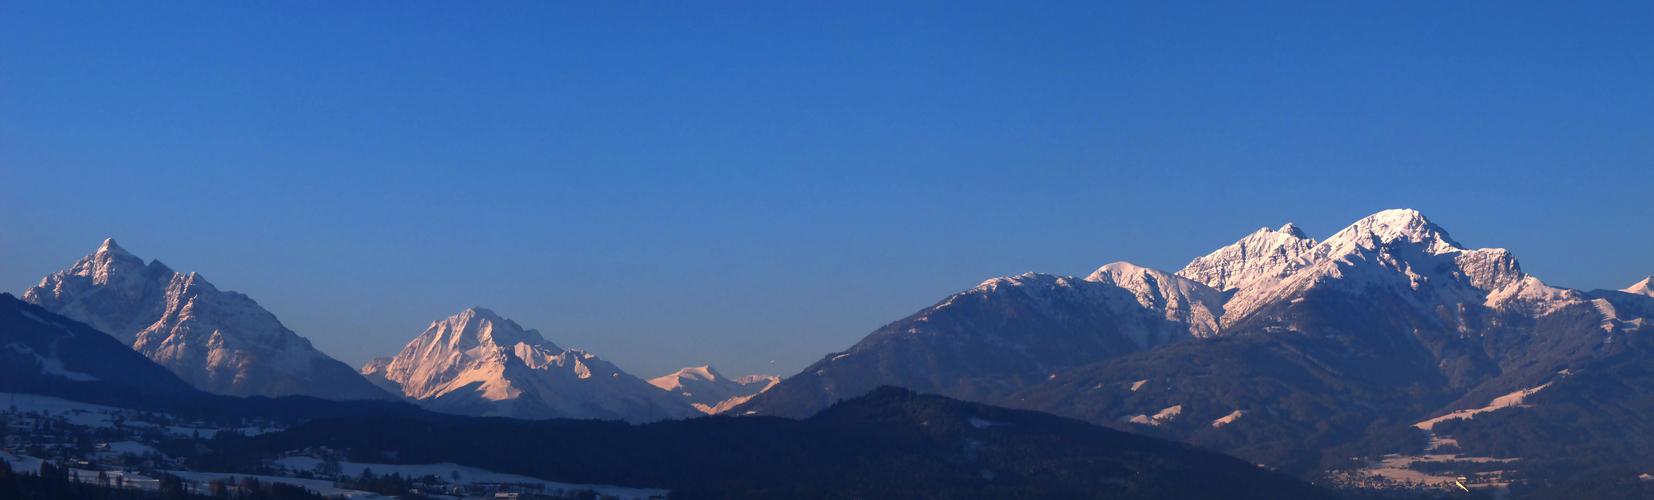 innsbrucker bergwelt